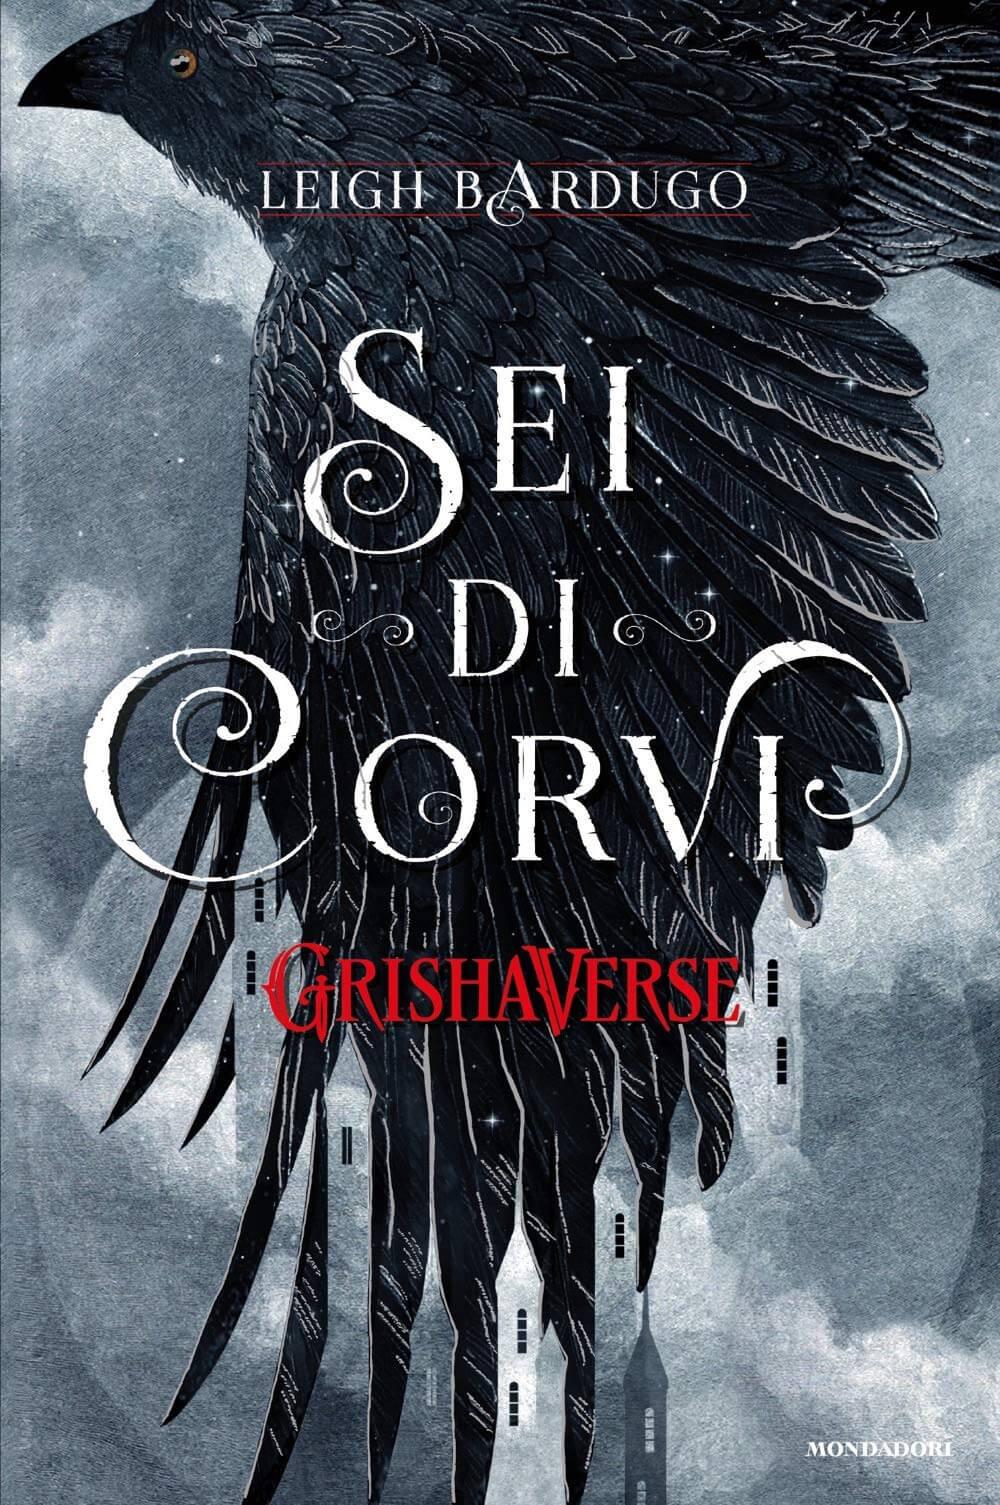 Libri Settembre 2019 - Sei di Corvi - Leigh Bardugo - Mondadori